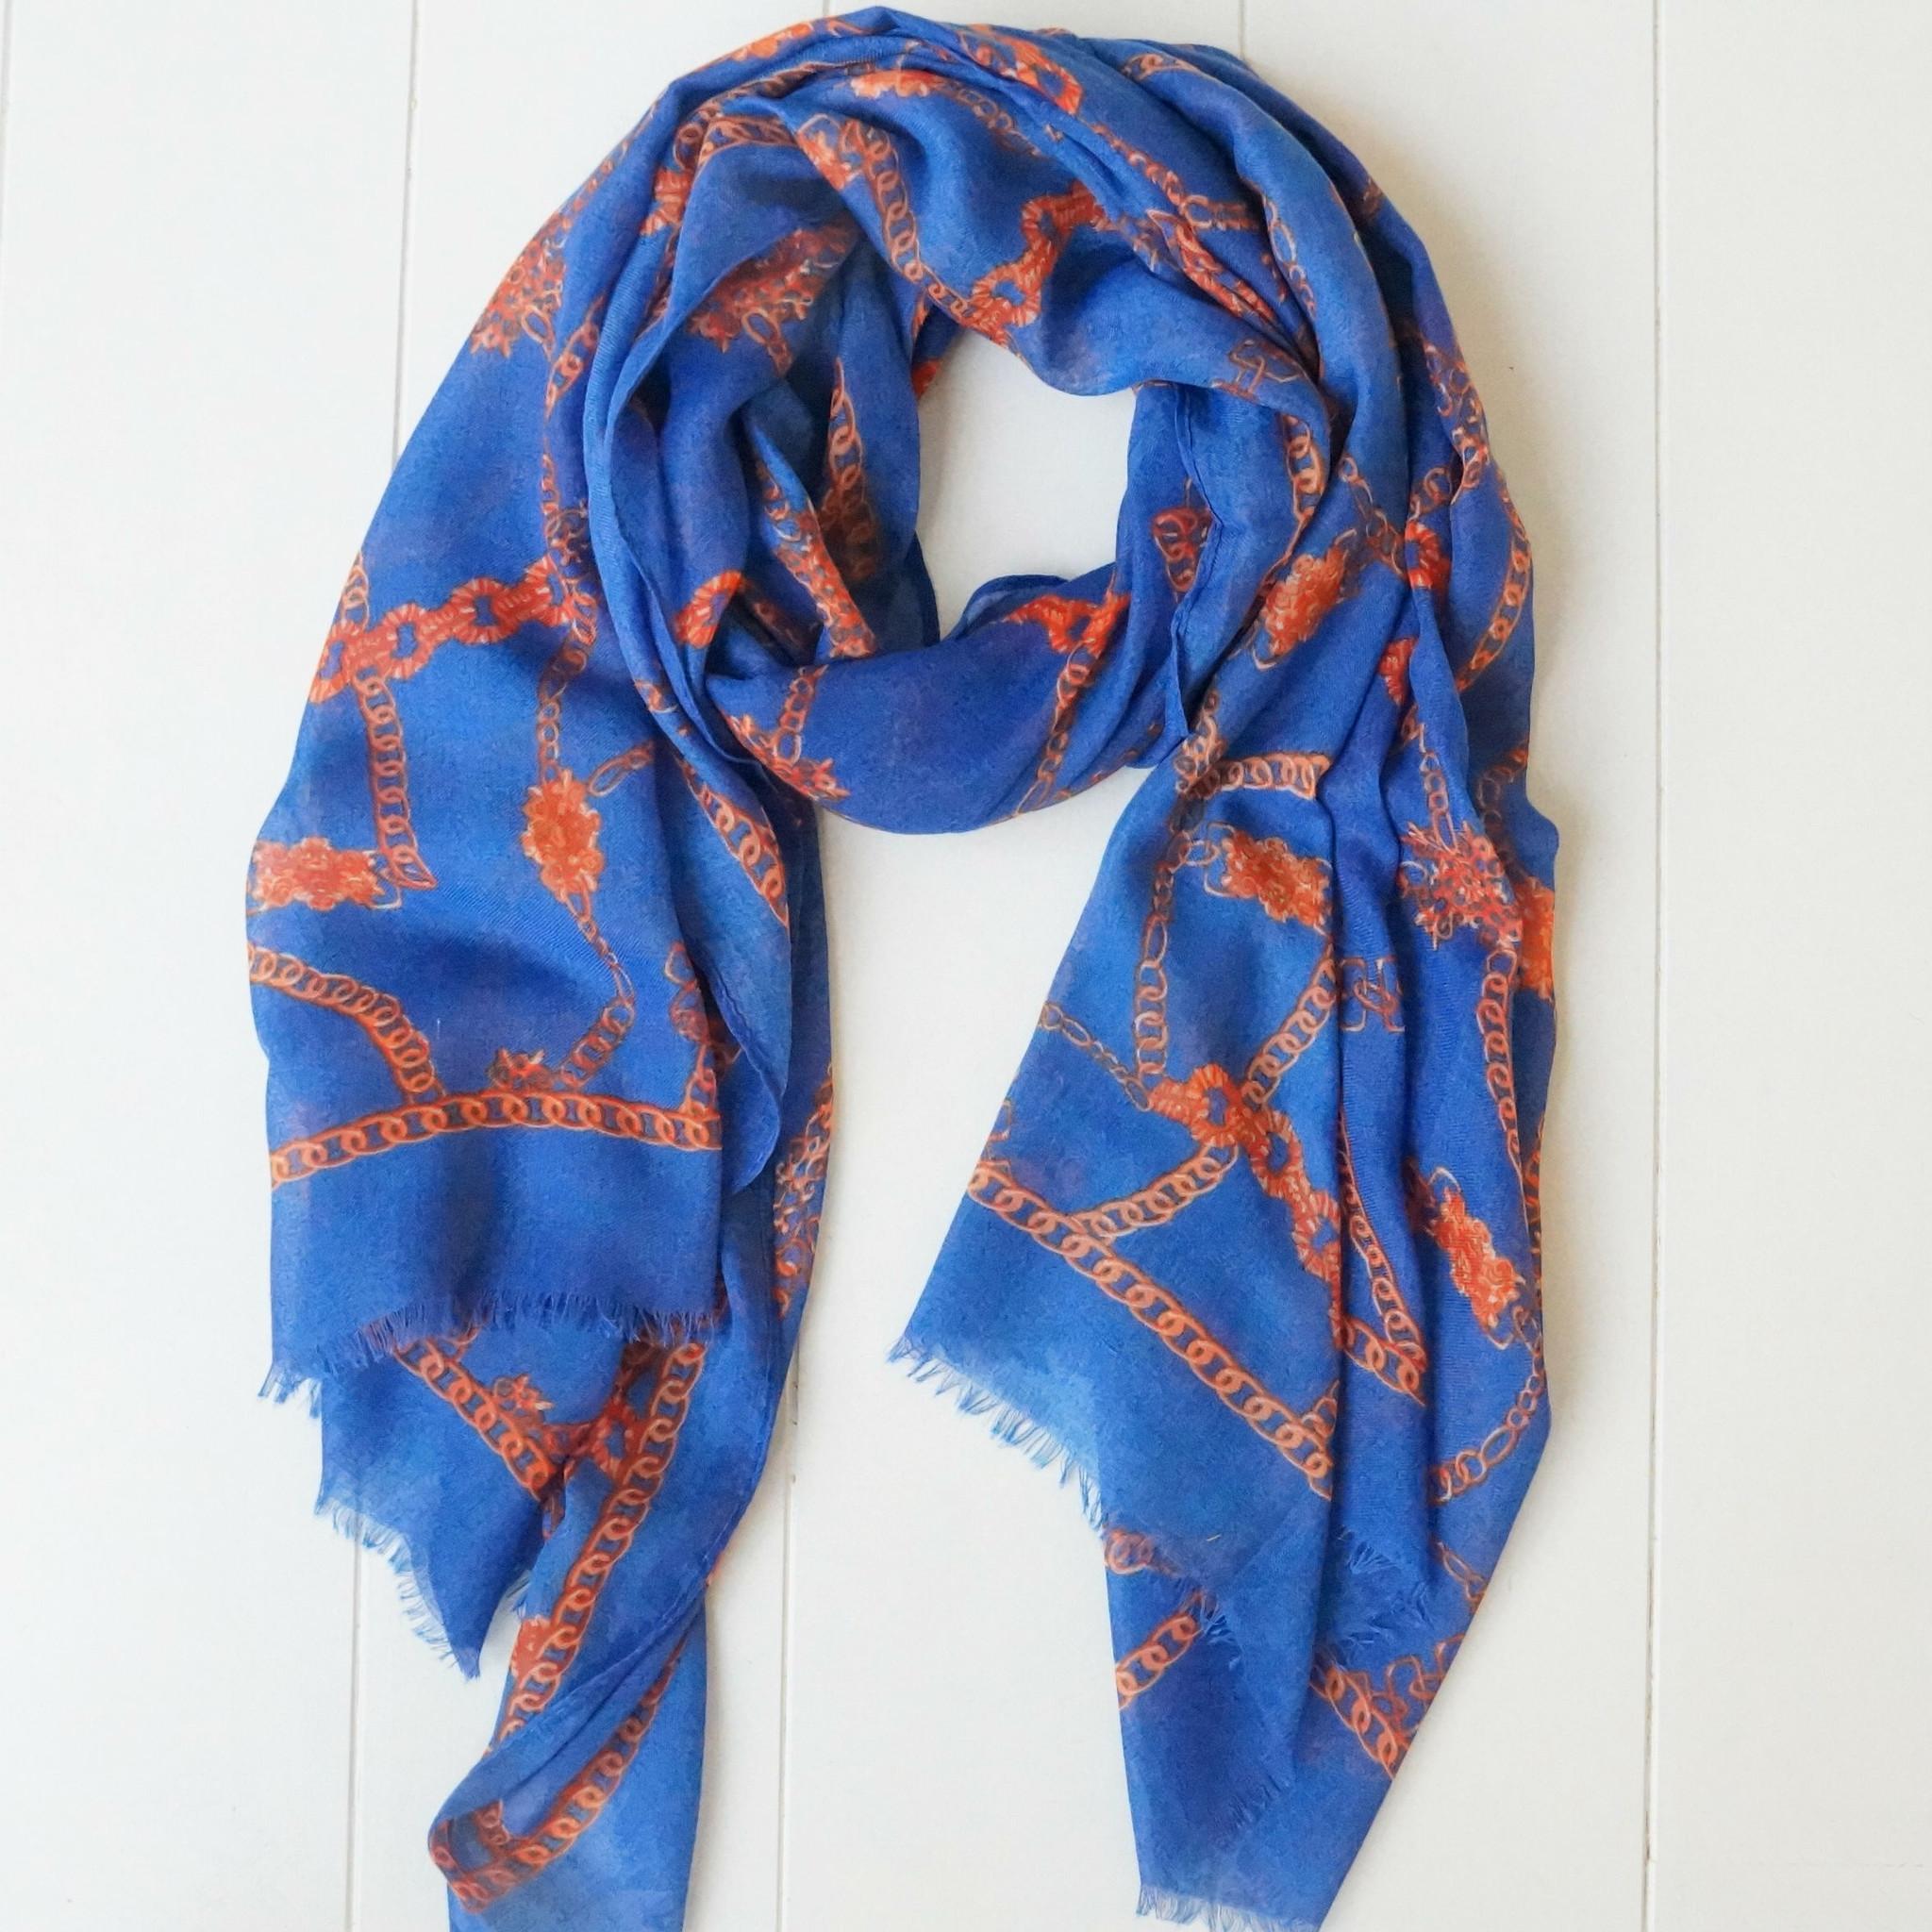 Blauwe sjaal met kettingprint